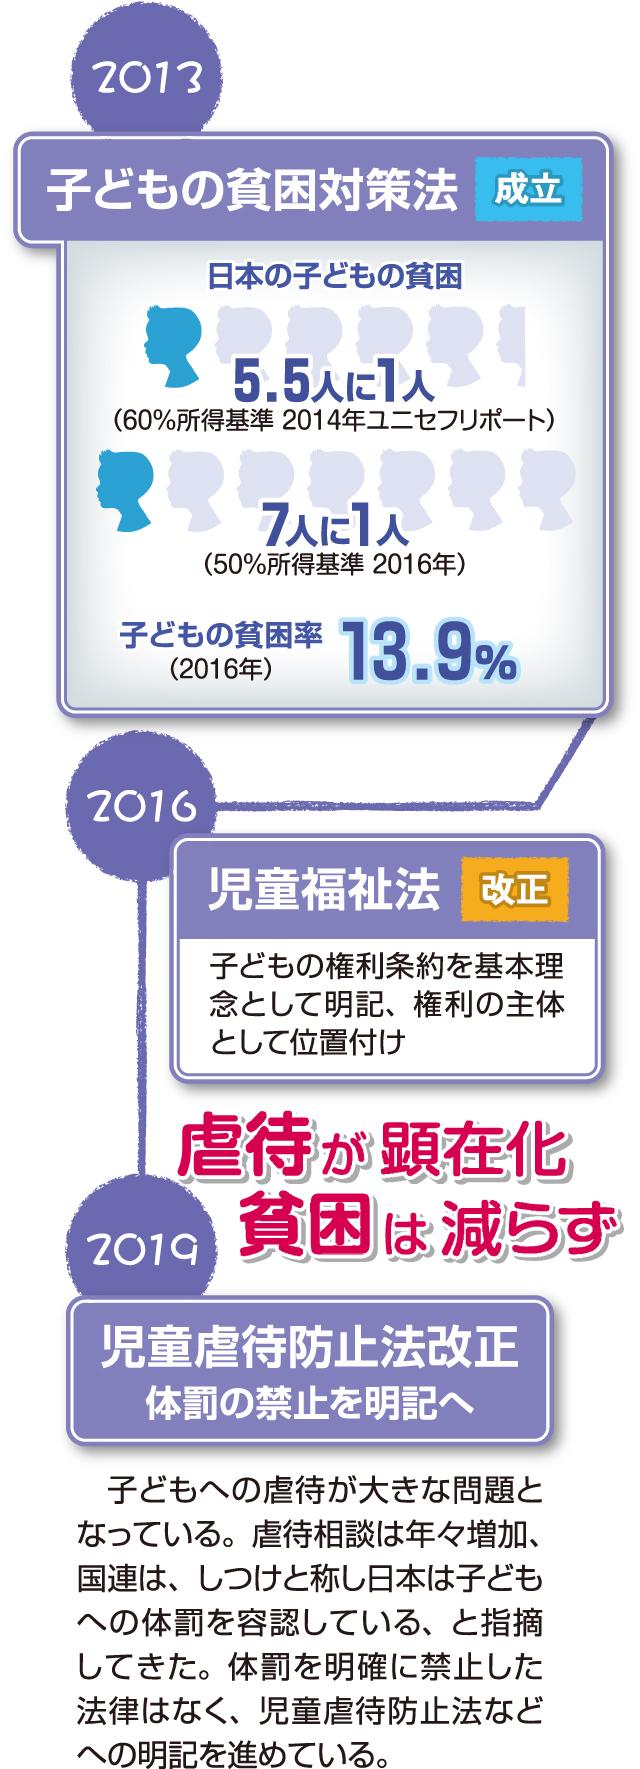 図解 子どもの権利条約 日本の歩み 法改正があっても、虐待が顕在化し、貧困も減っていない